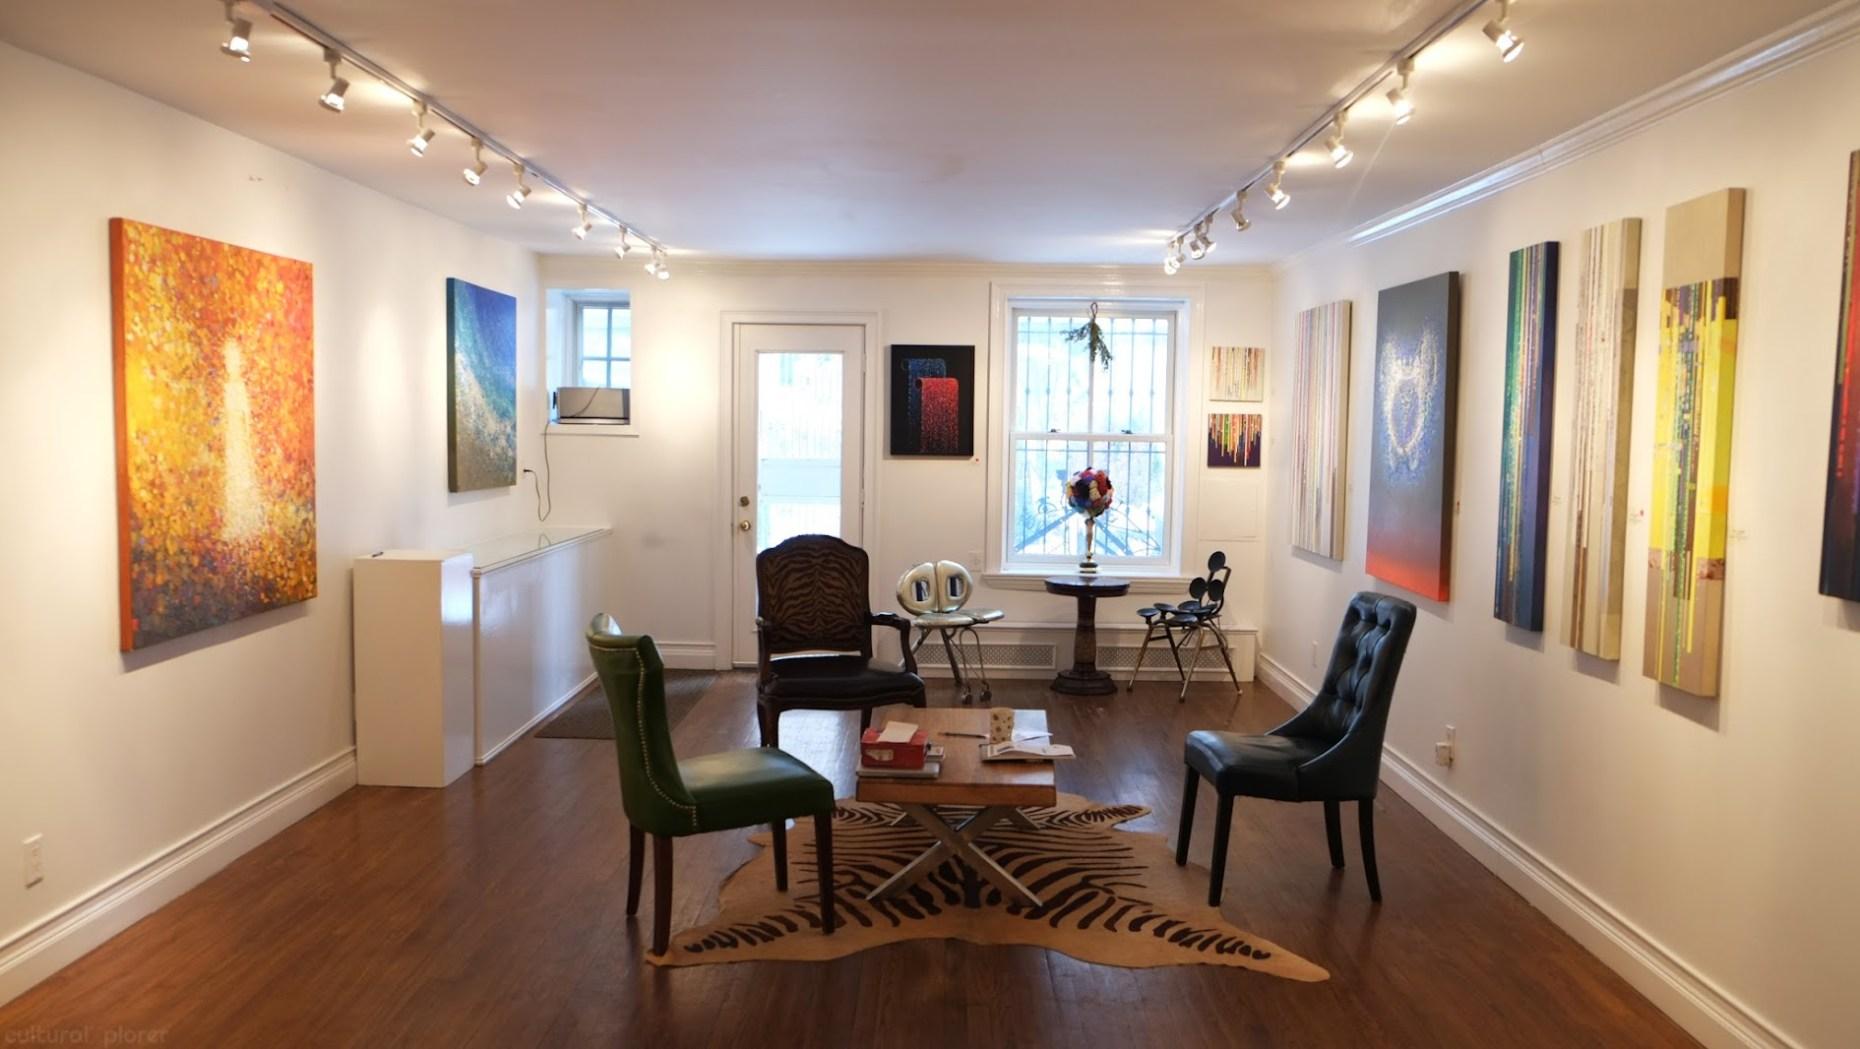 La Maison d'Art Gallery